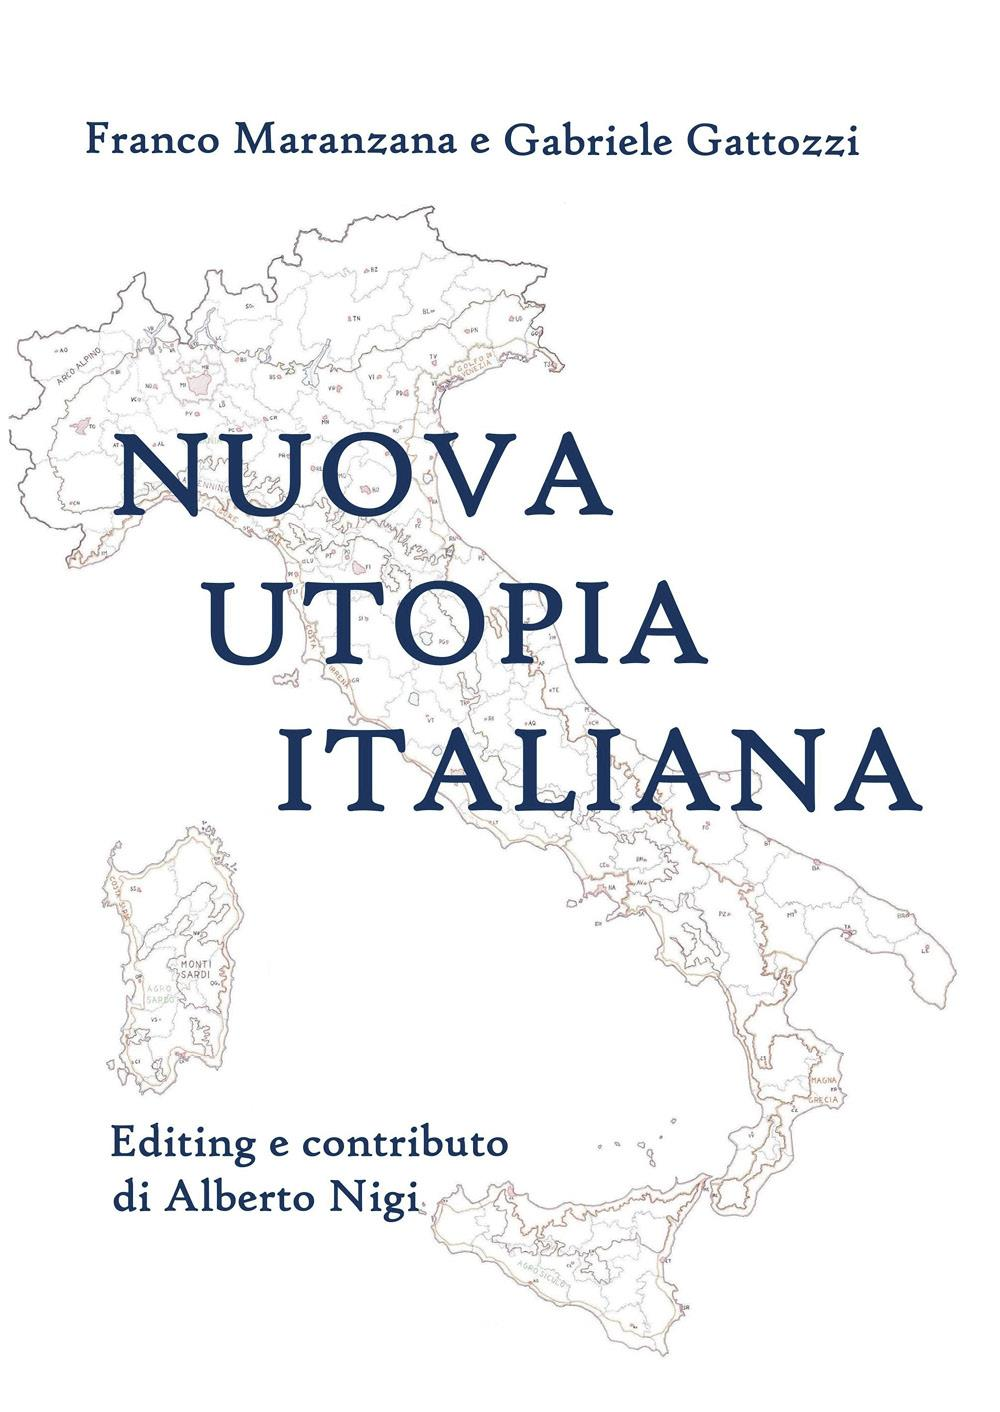 Nuova utopia italiana